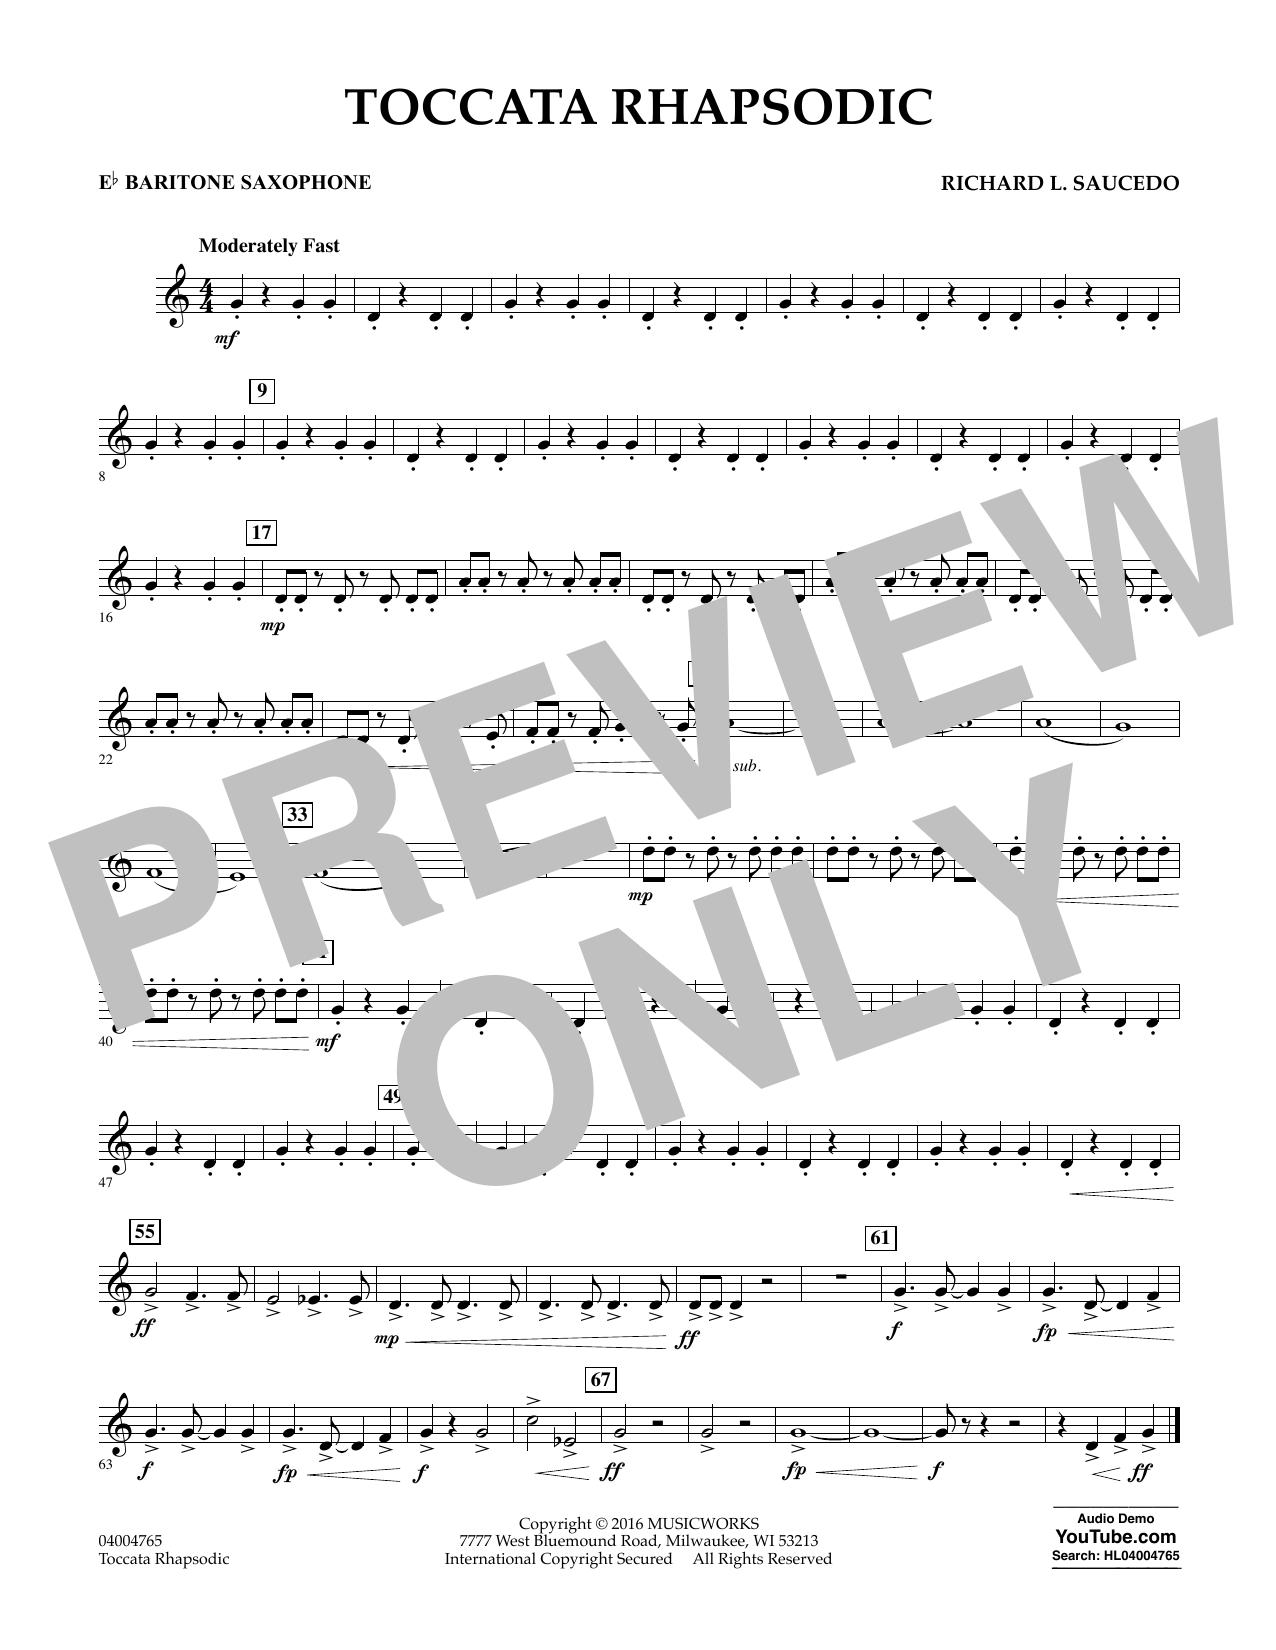 Toccata Rhapsodic - Eb Baritone Saxophone